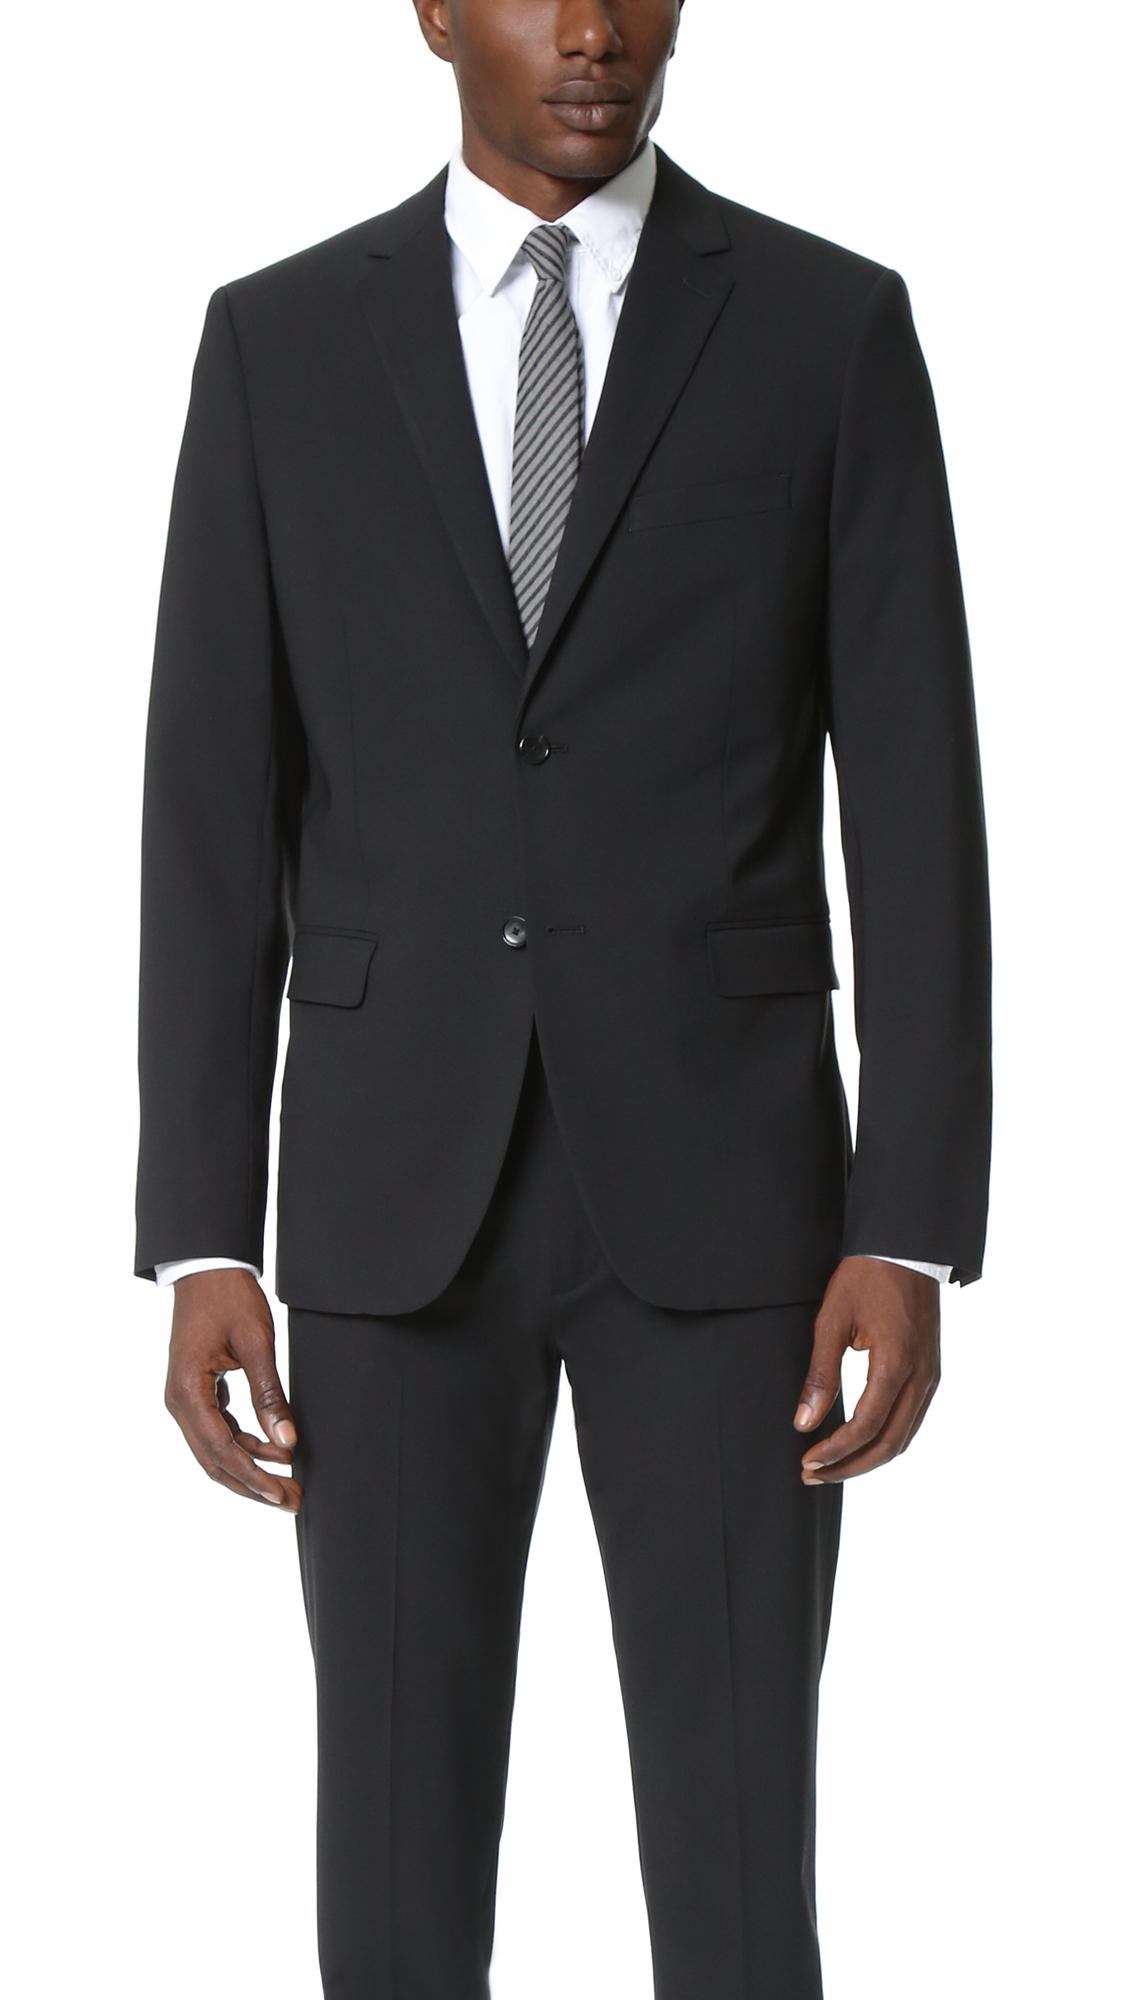 Suit jacket - Suit Jacket 49